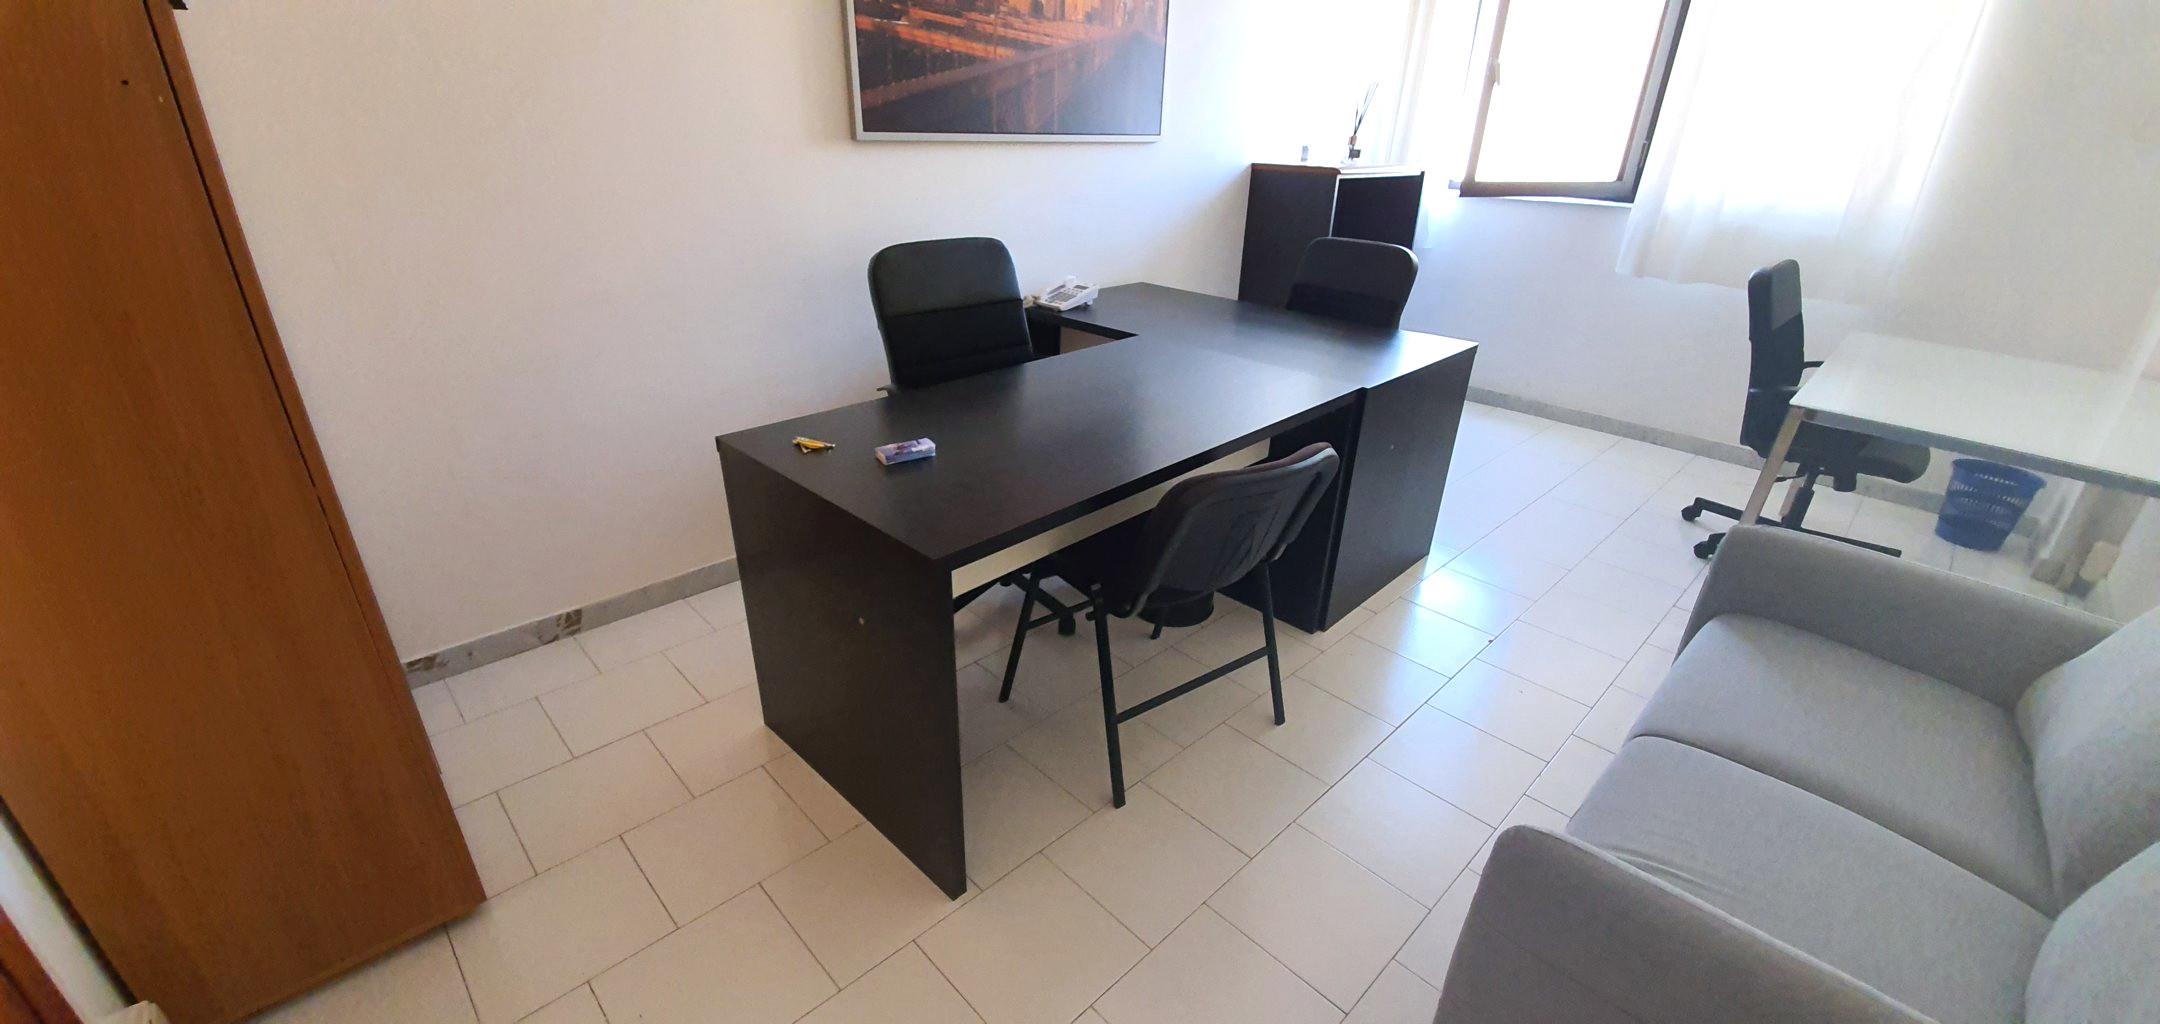 Uffici Virtuali